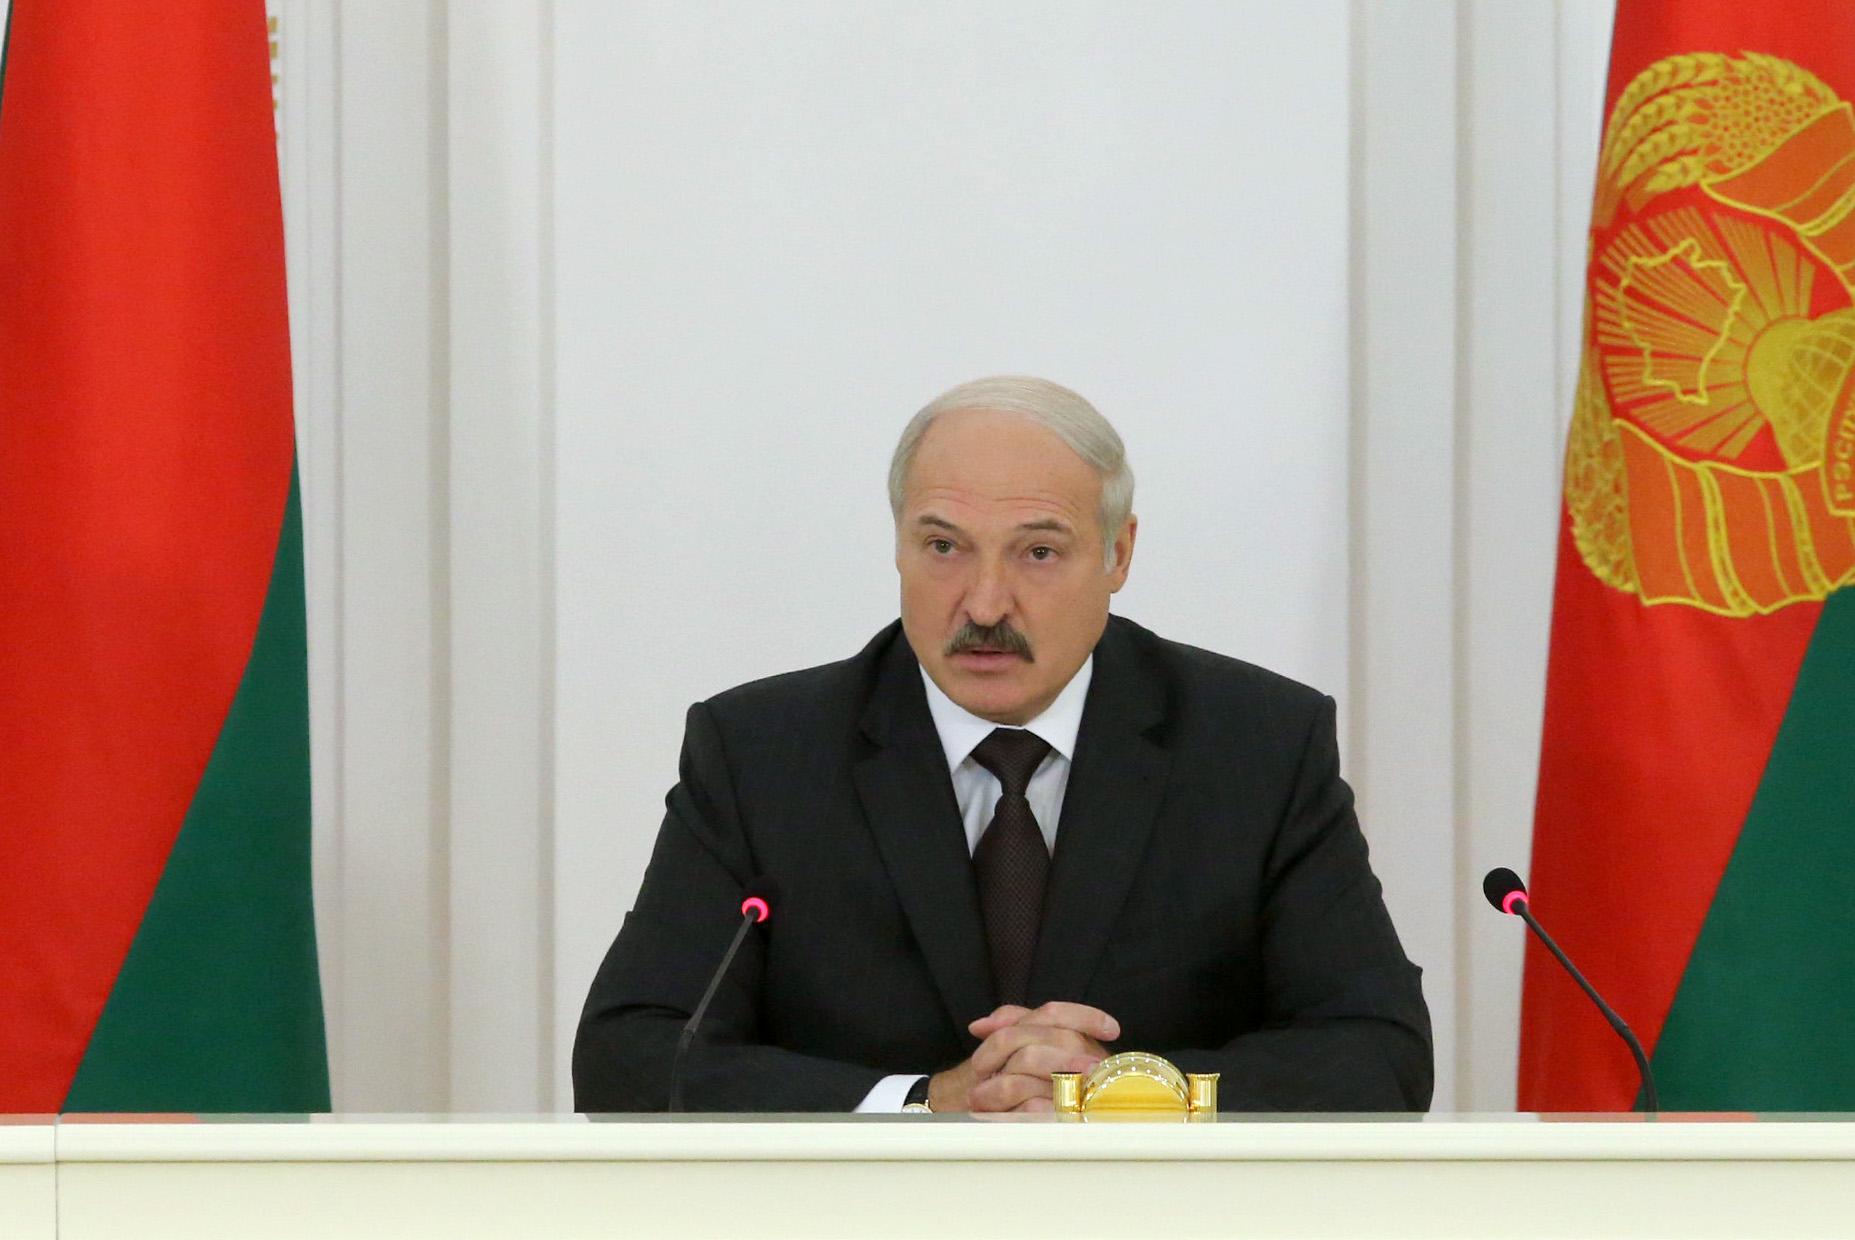 Лукашенко пояснил руководству, как следует договариваться сМВФ